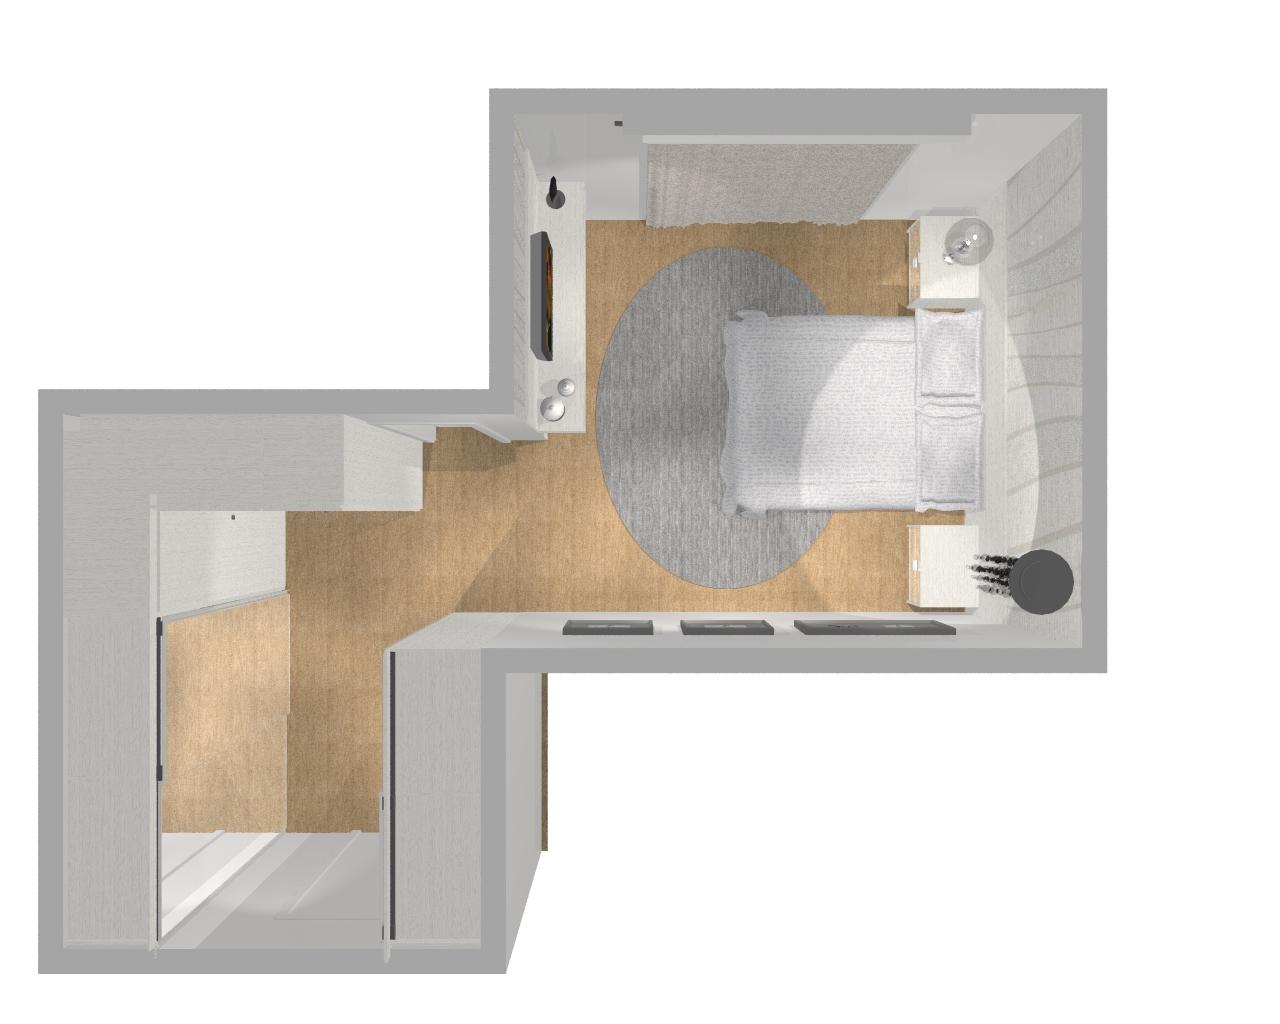 #5D422D Carolina Lira Design de Interiores: Maio 2011 1280x1024 px Projetos Cozinha Sca #45 imagens